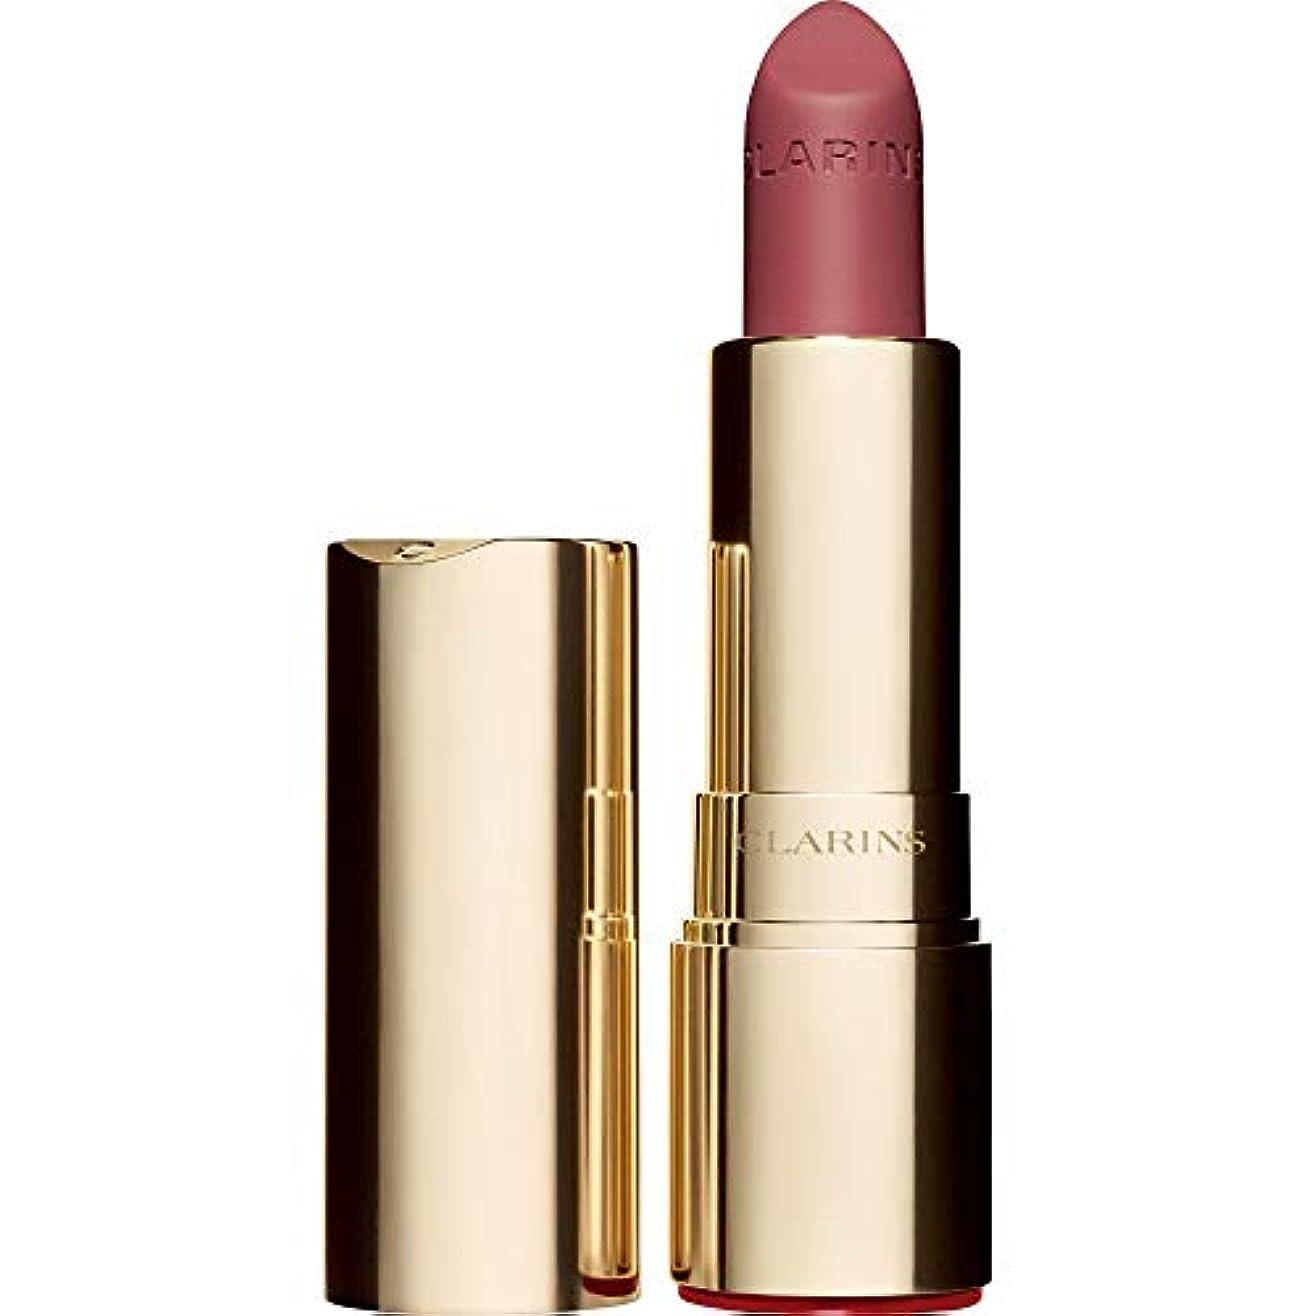 制限する統計あからさま[Clarins ] クラランスジョリルージュのベルベットの口紅3.5グラムの752V - ローズウッド - Clarins Joli Rouge Velvet Lipstick 3.5g 752V - Rosewood...